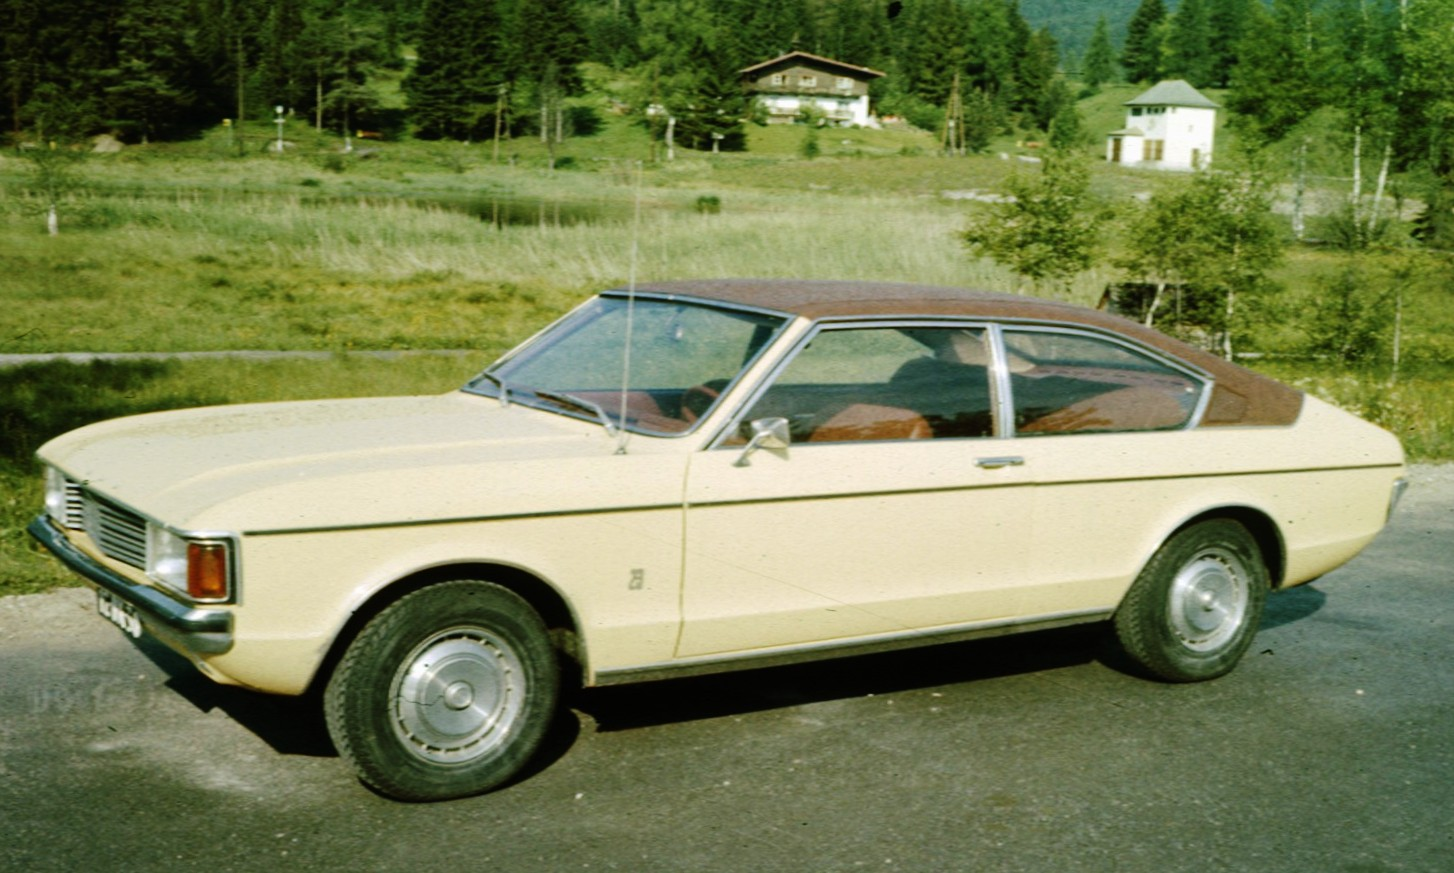 Ford Granada mark 1 coupe